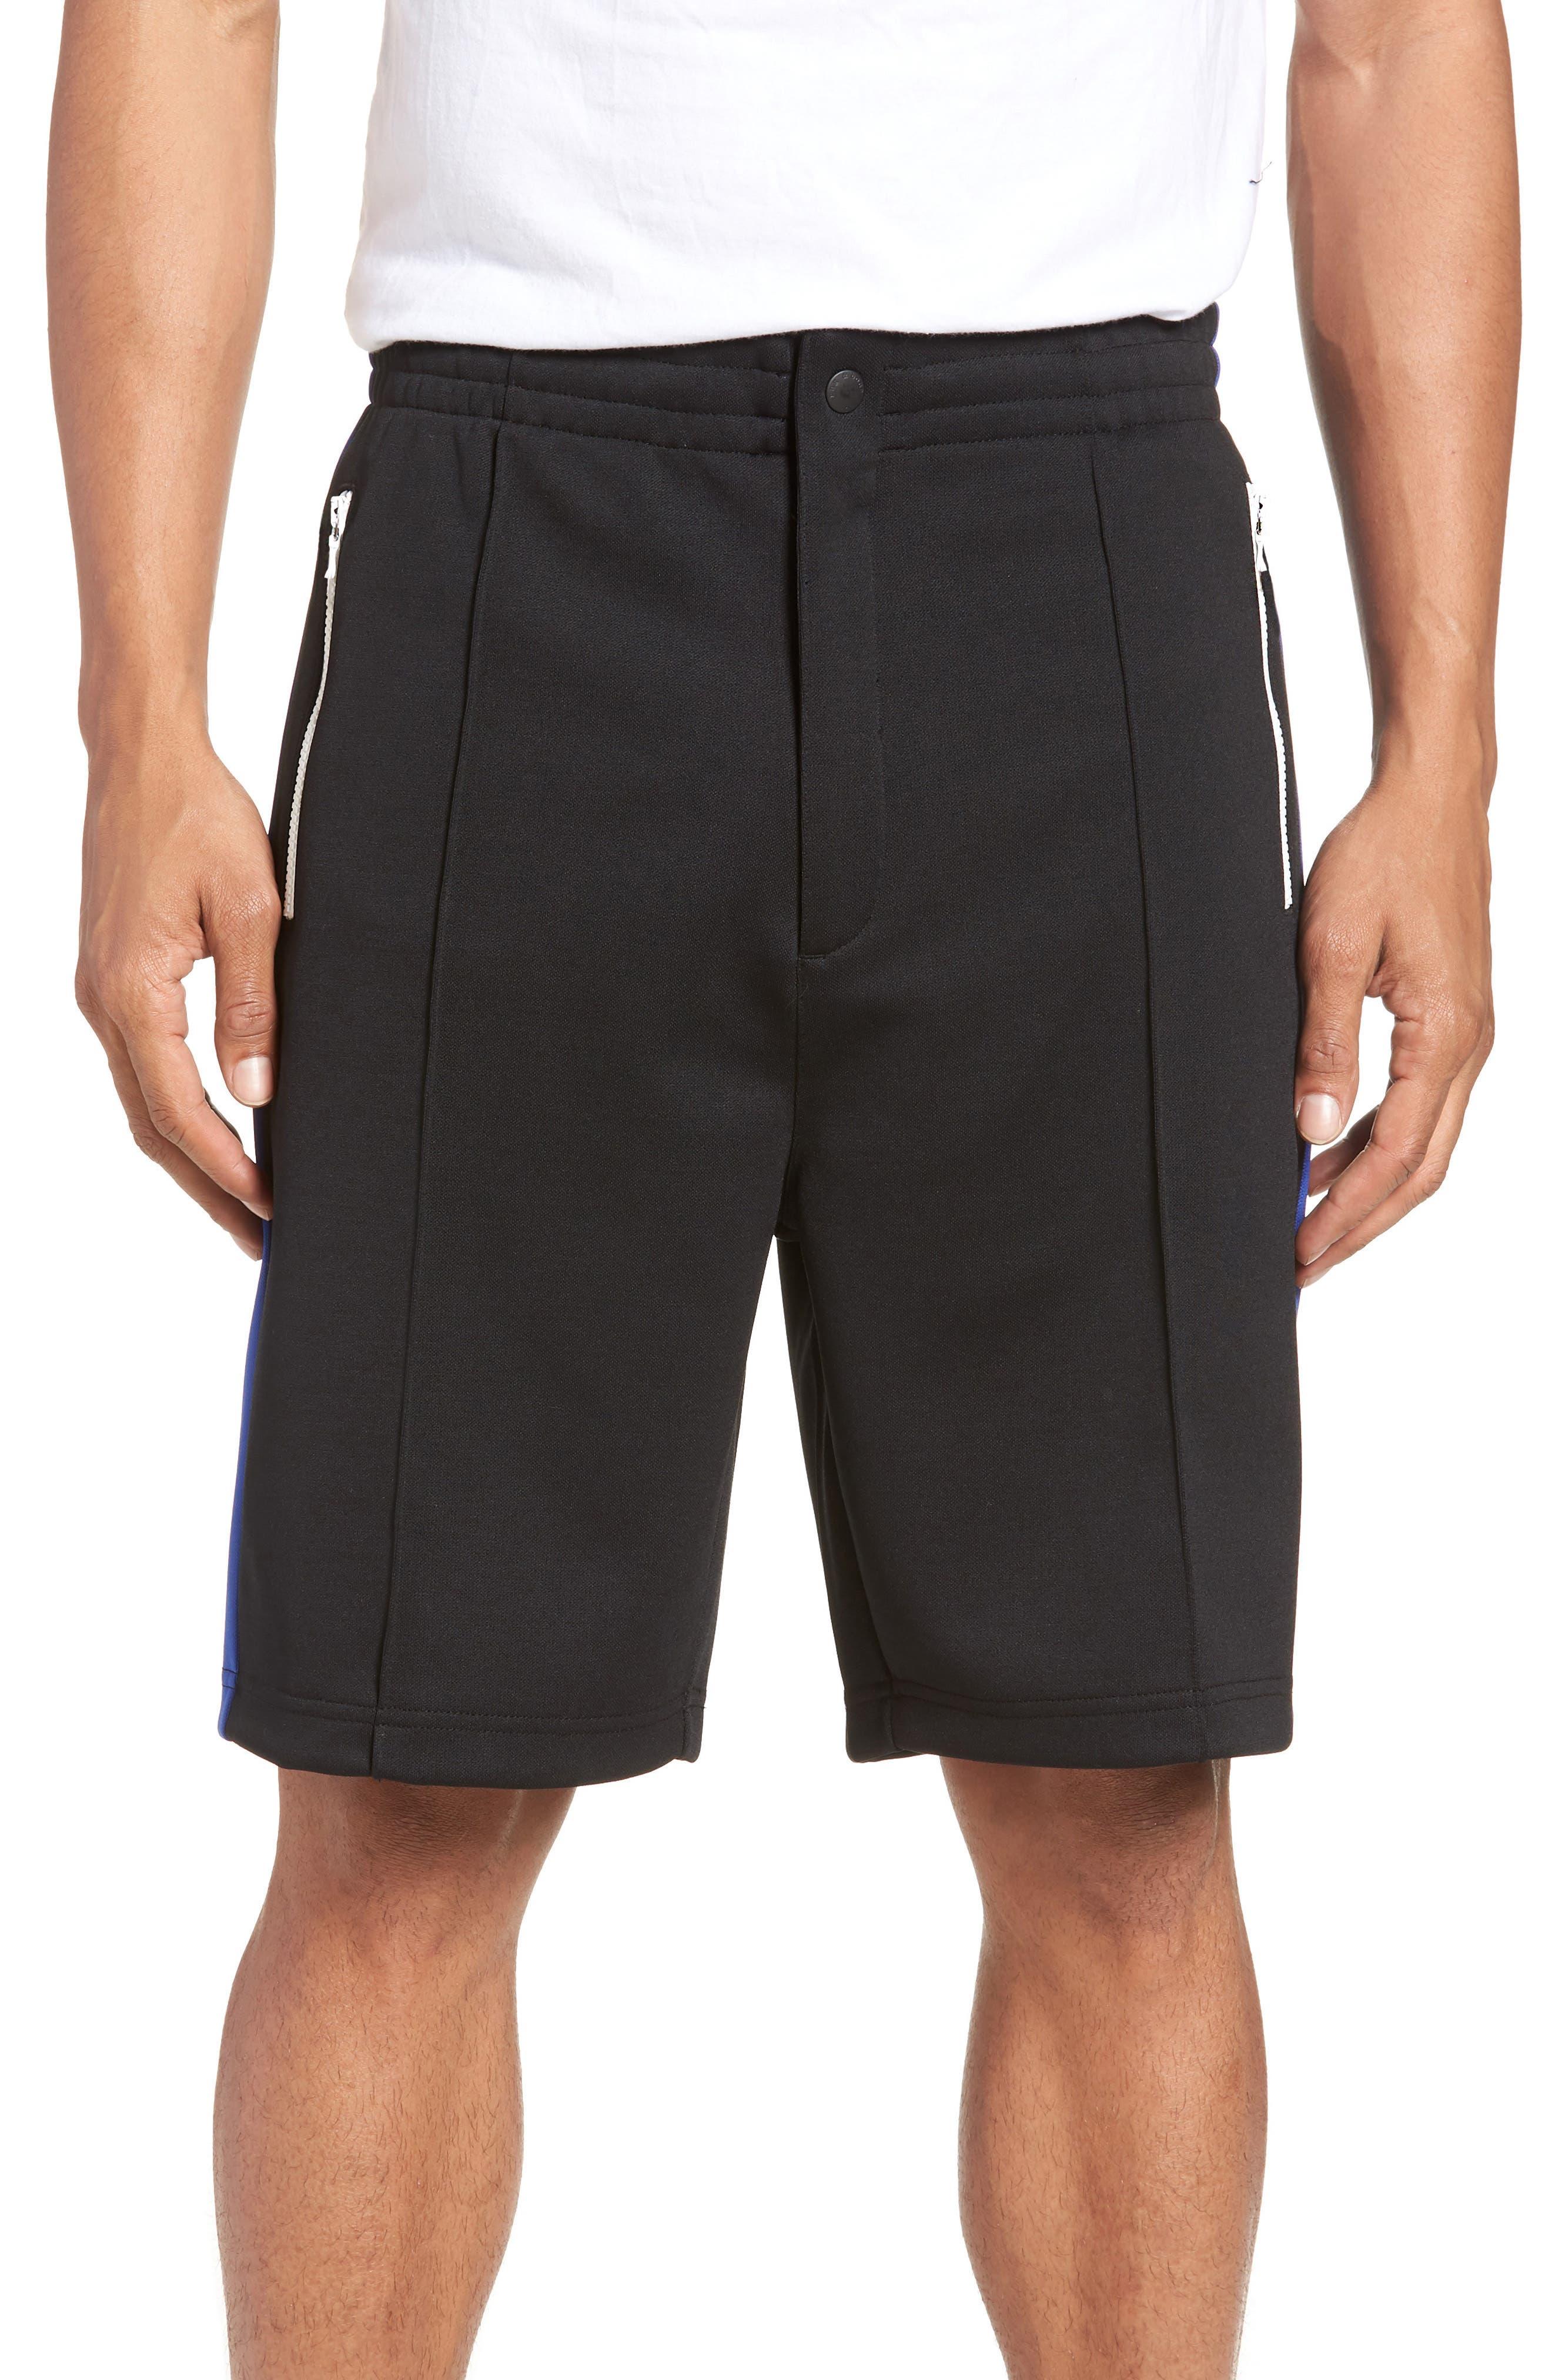 Stripe Shorts,                             Main thumbnail 1, color,                             Blue/ White/ Black